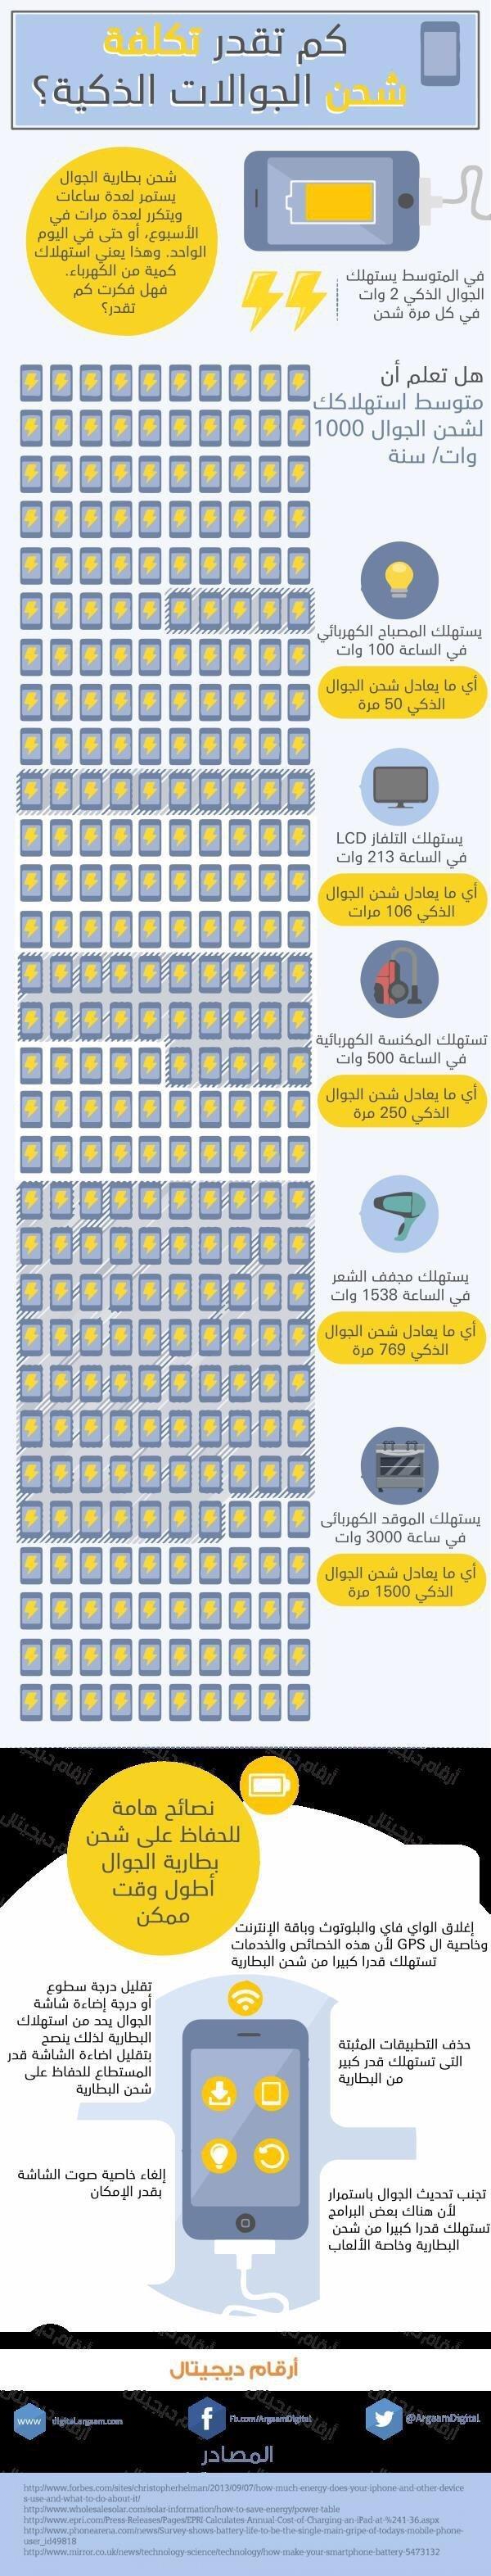 كم تقدر تكلفة شحن الجوالات الذكية #انفوجرافيك #جوال